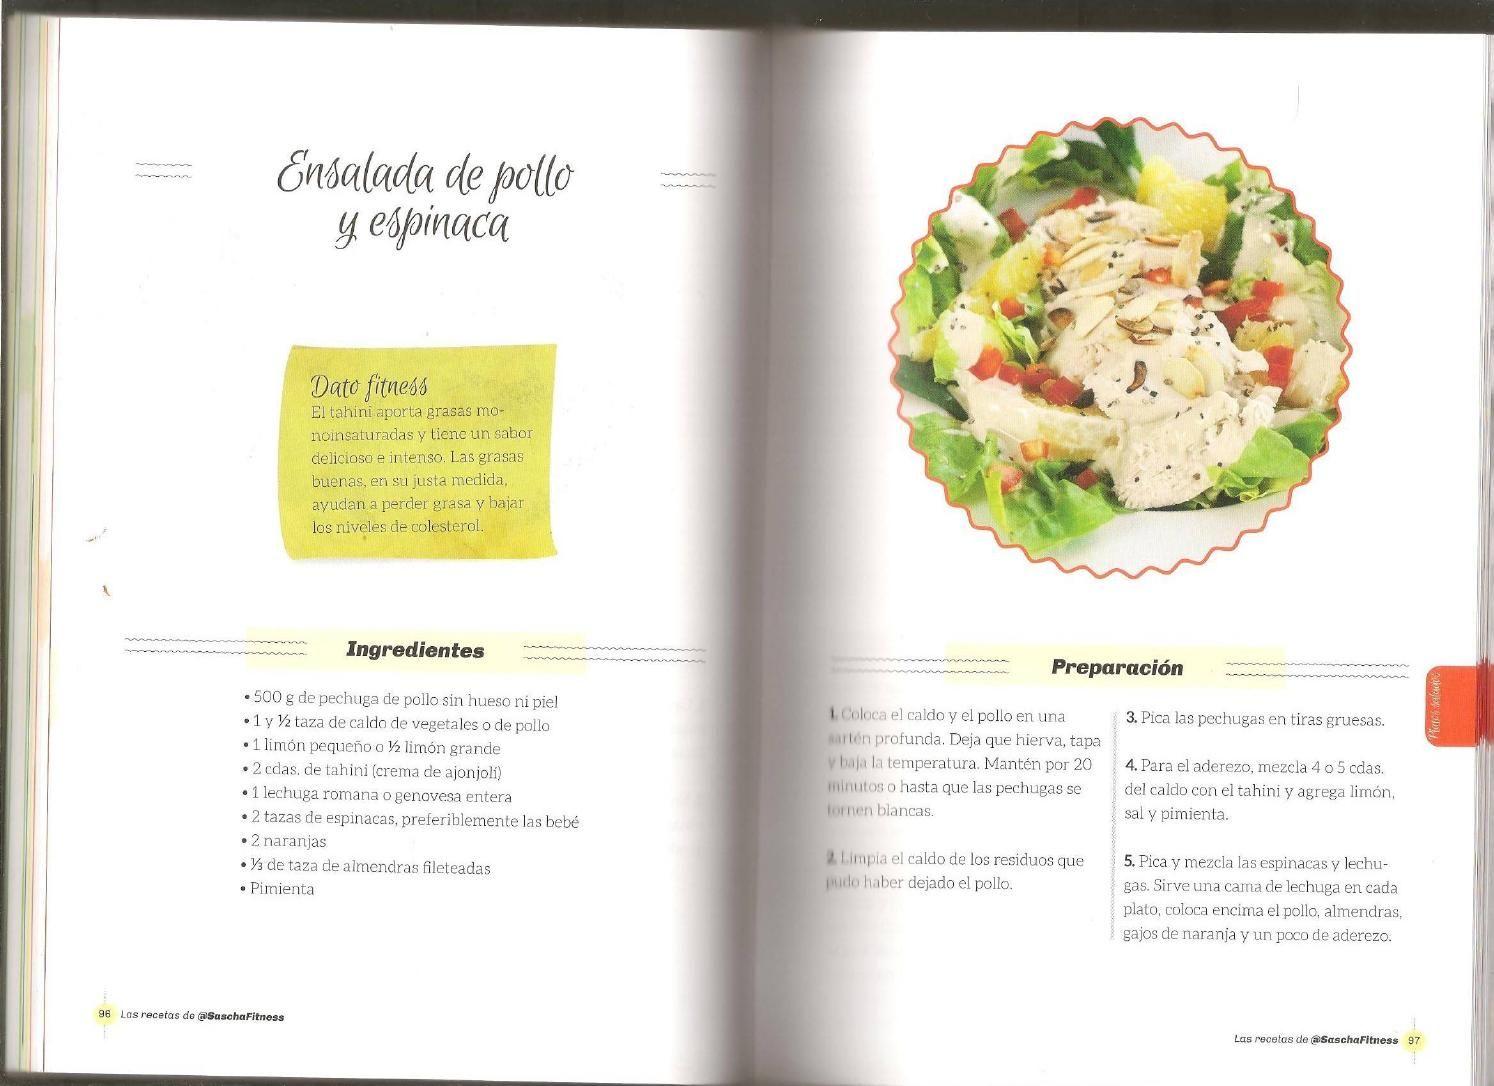 Las Recetas De Sascha Fitness Sascha Fitness Recetas Cocina Saludable Recetas Recetas Fitness